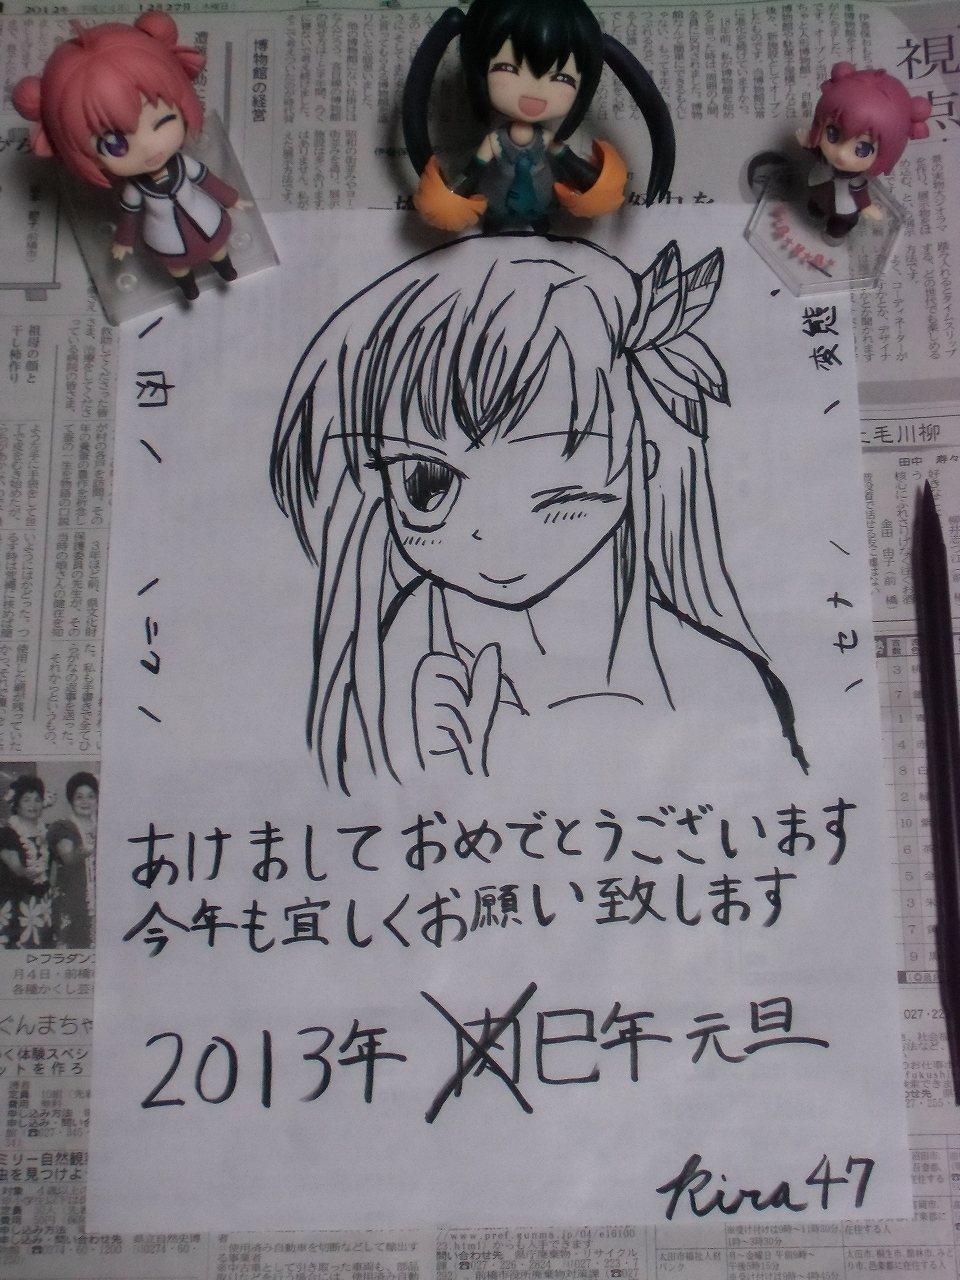 2013年 あけましておめでとうございます